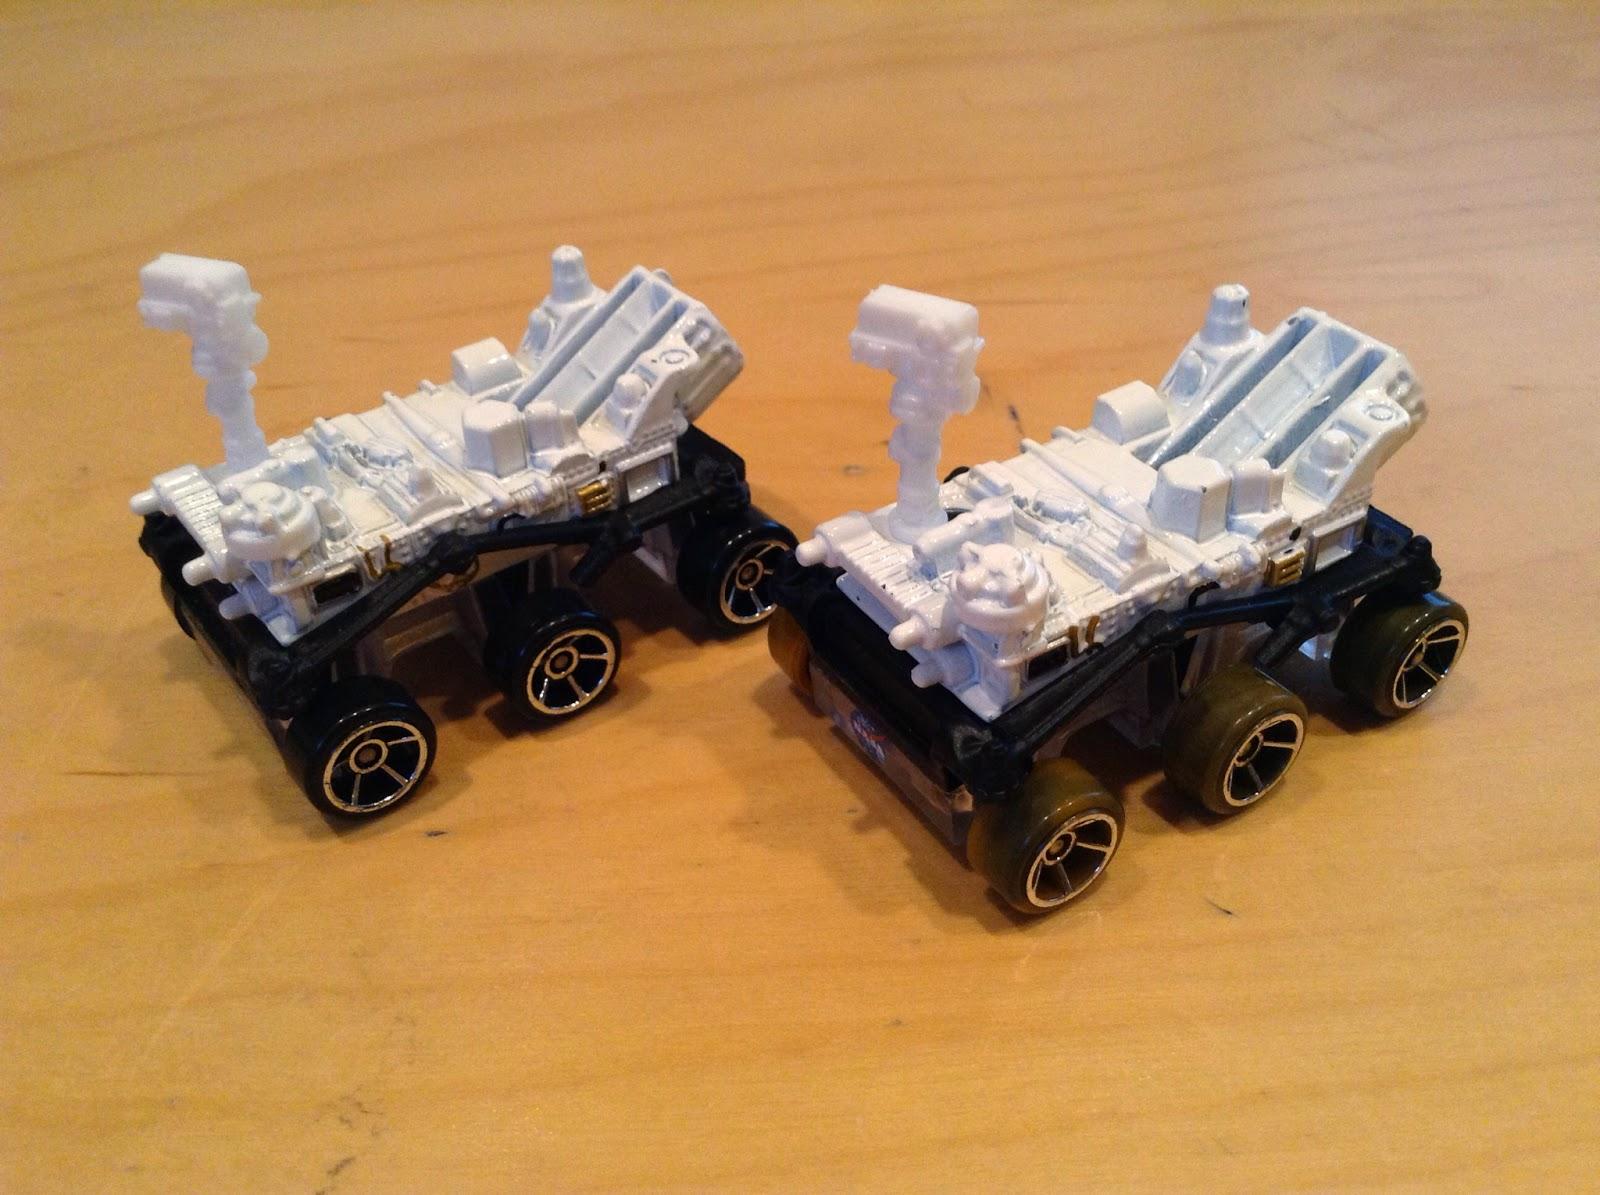 2017 hot wheels mars rover - photo #16